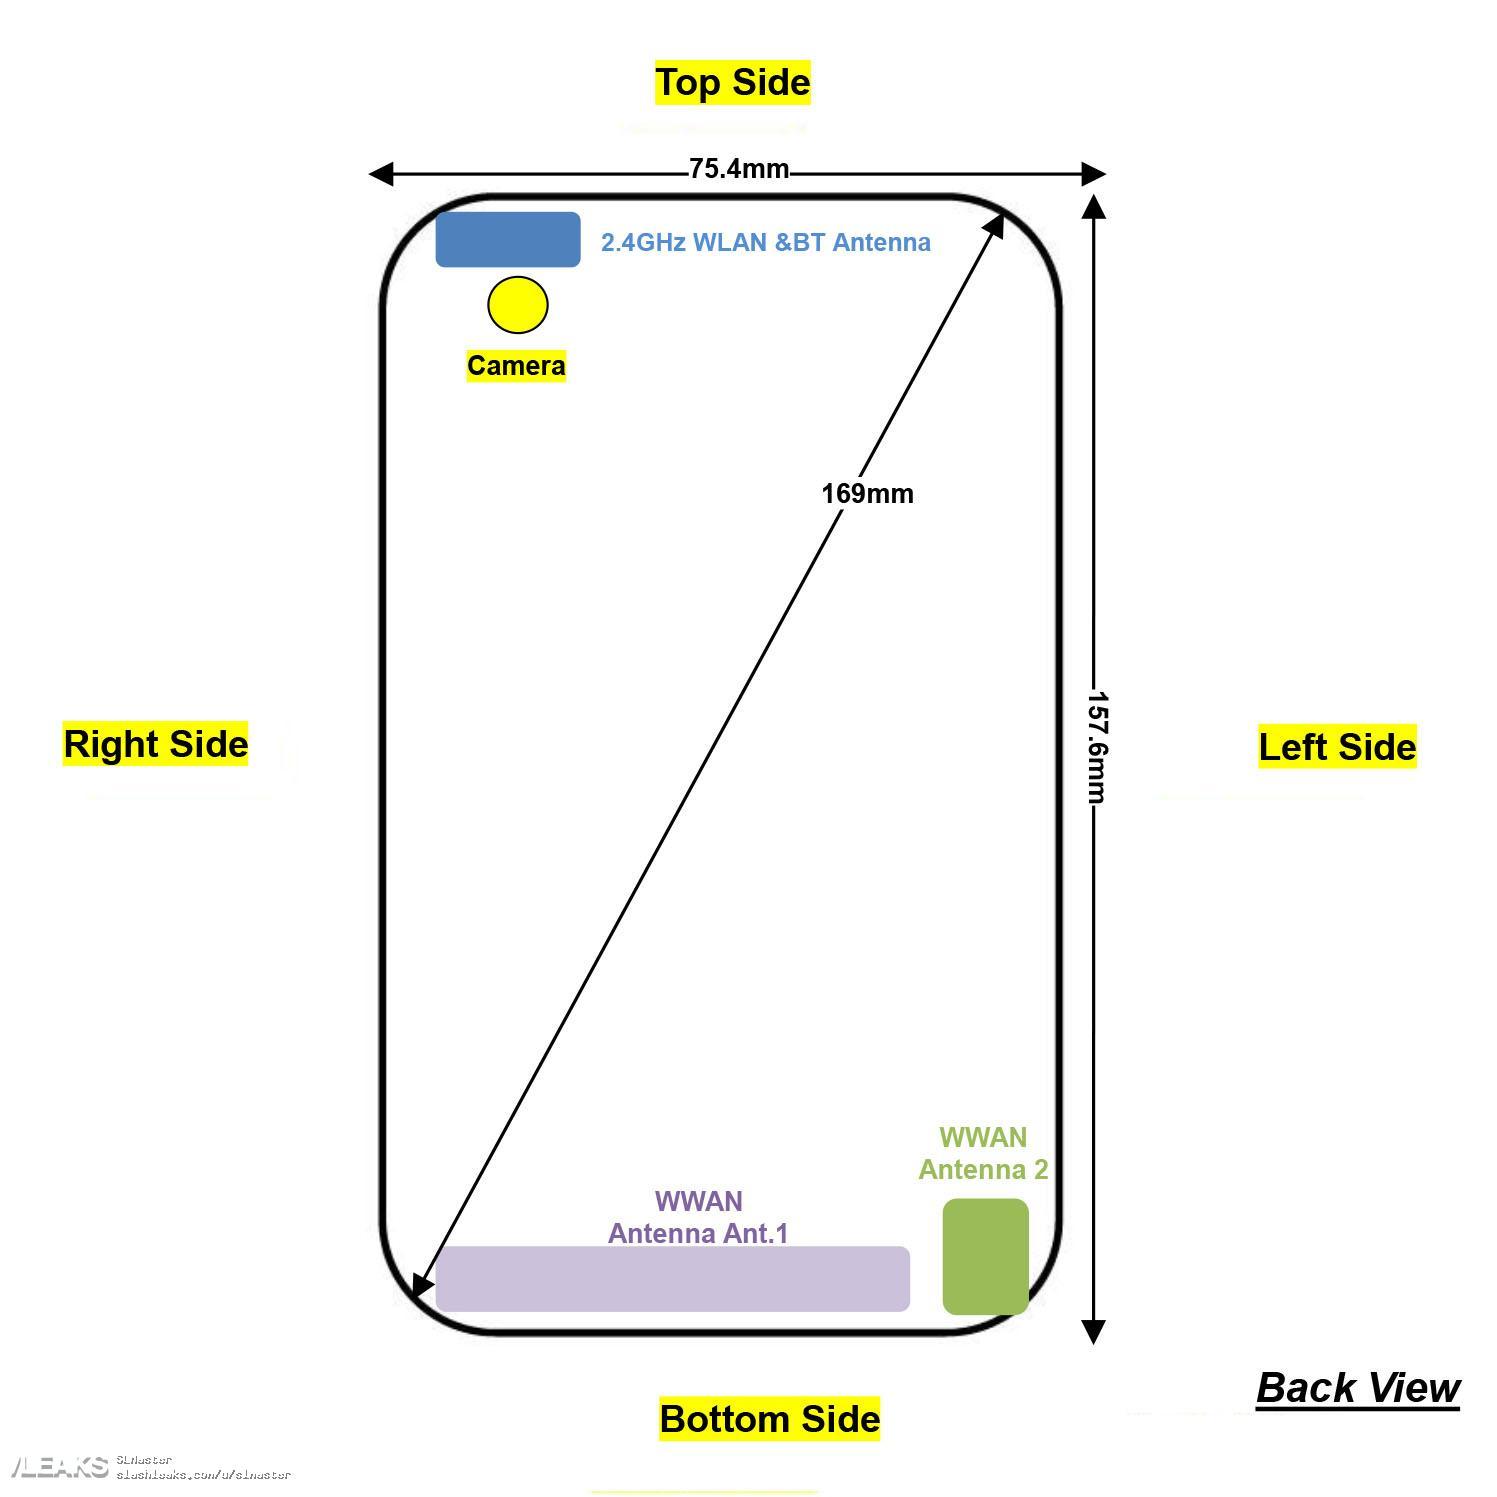 img Moto G8 Play XT2015-2, XT2016-1, XT2016-2 FCC Schematics and Specs Leak